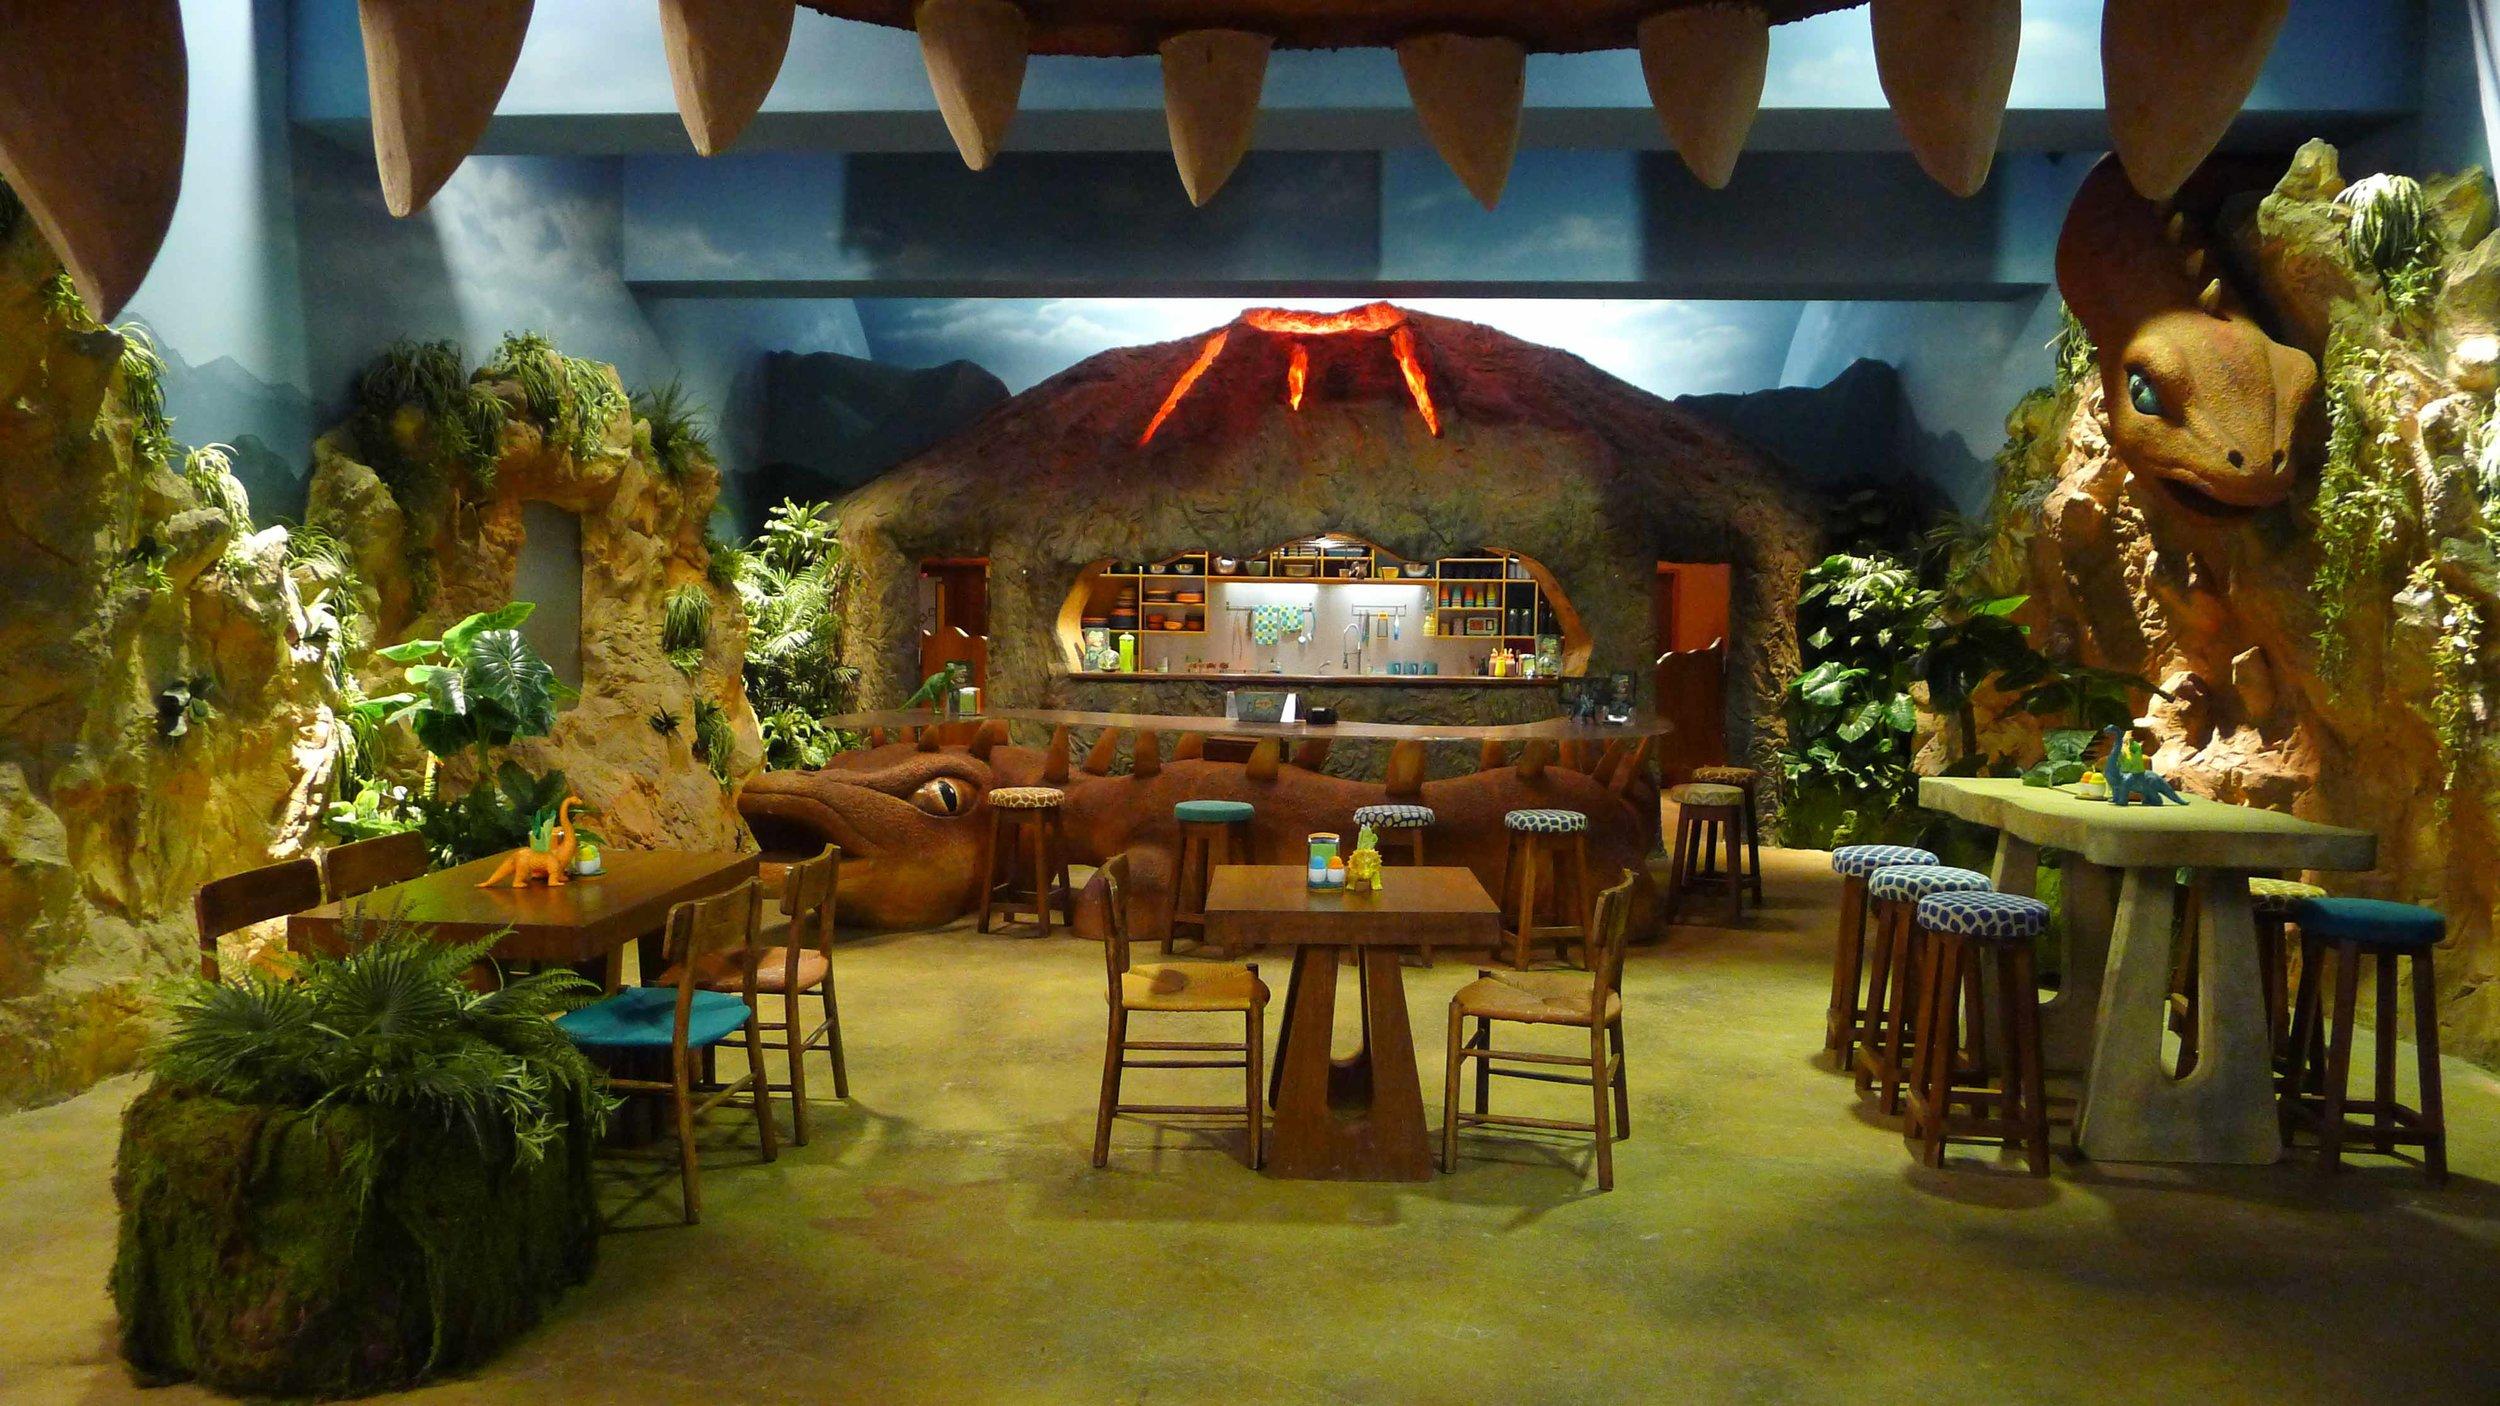 View of Dino Bite Cafe set